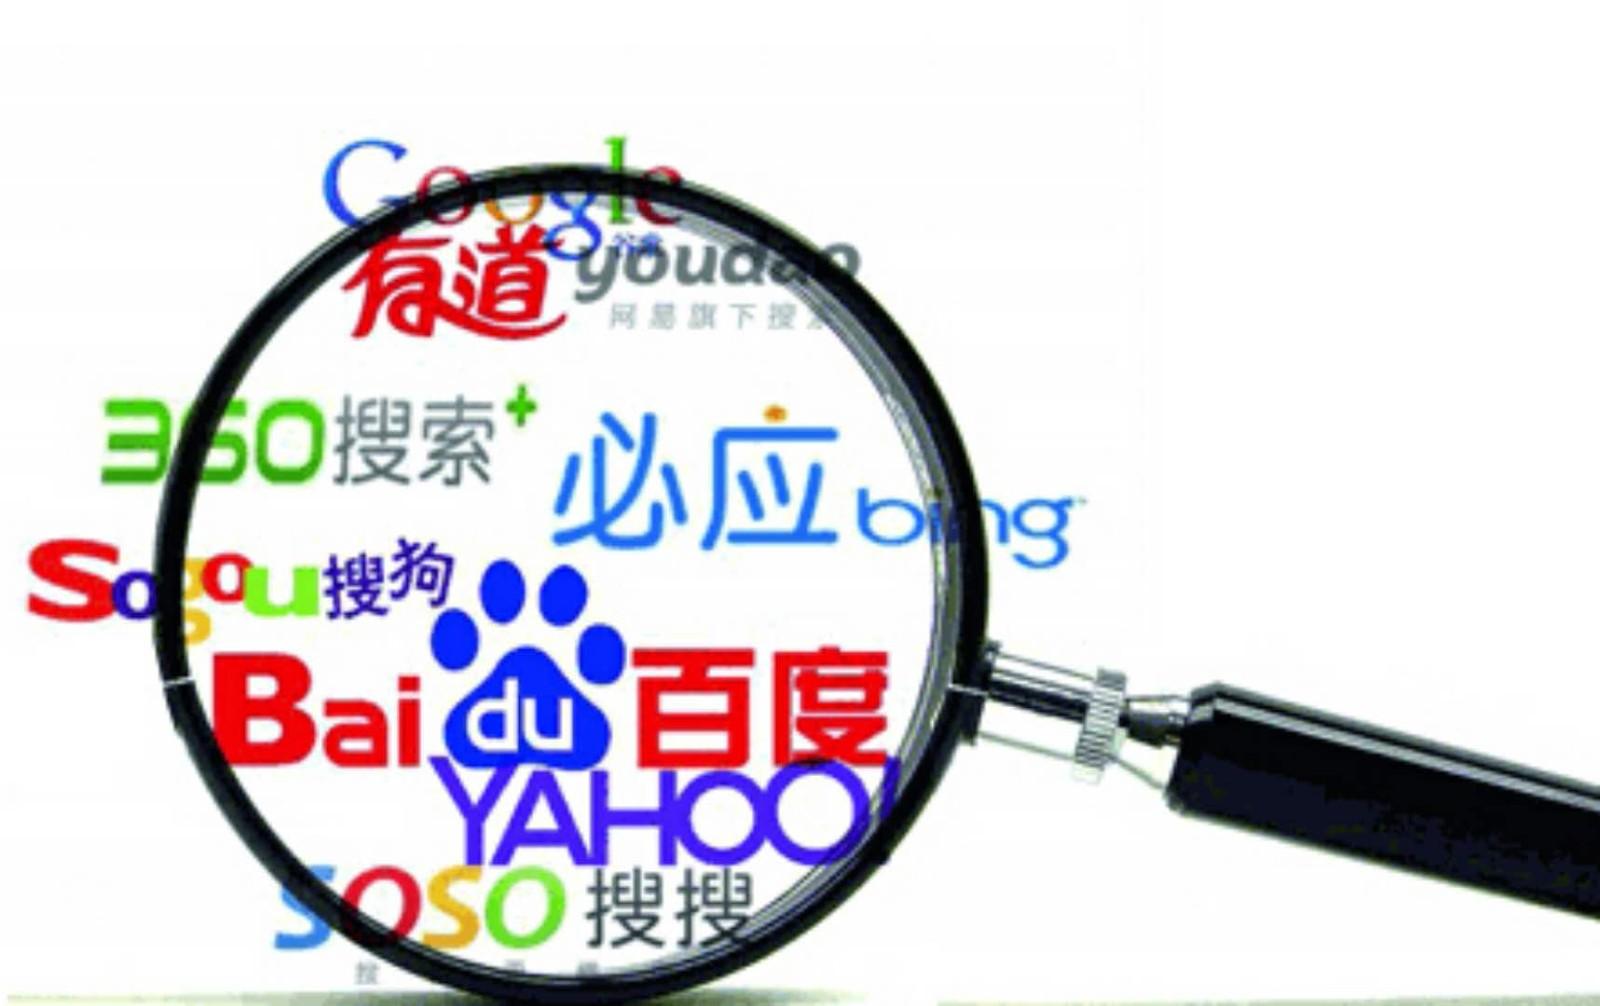 百度关键词/宁夏seo/深圳市小蚁人科技文化发展有限公司